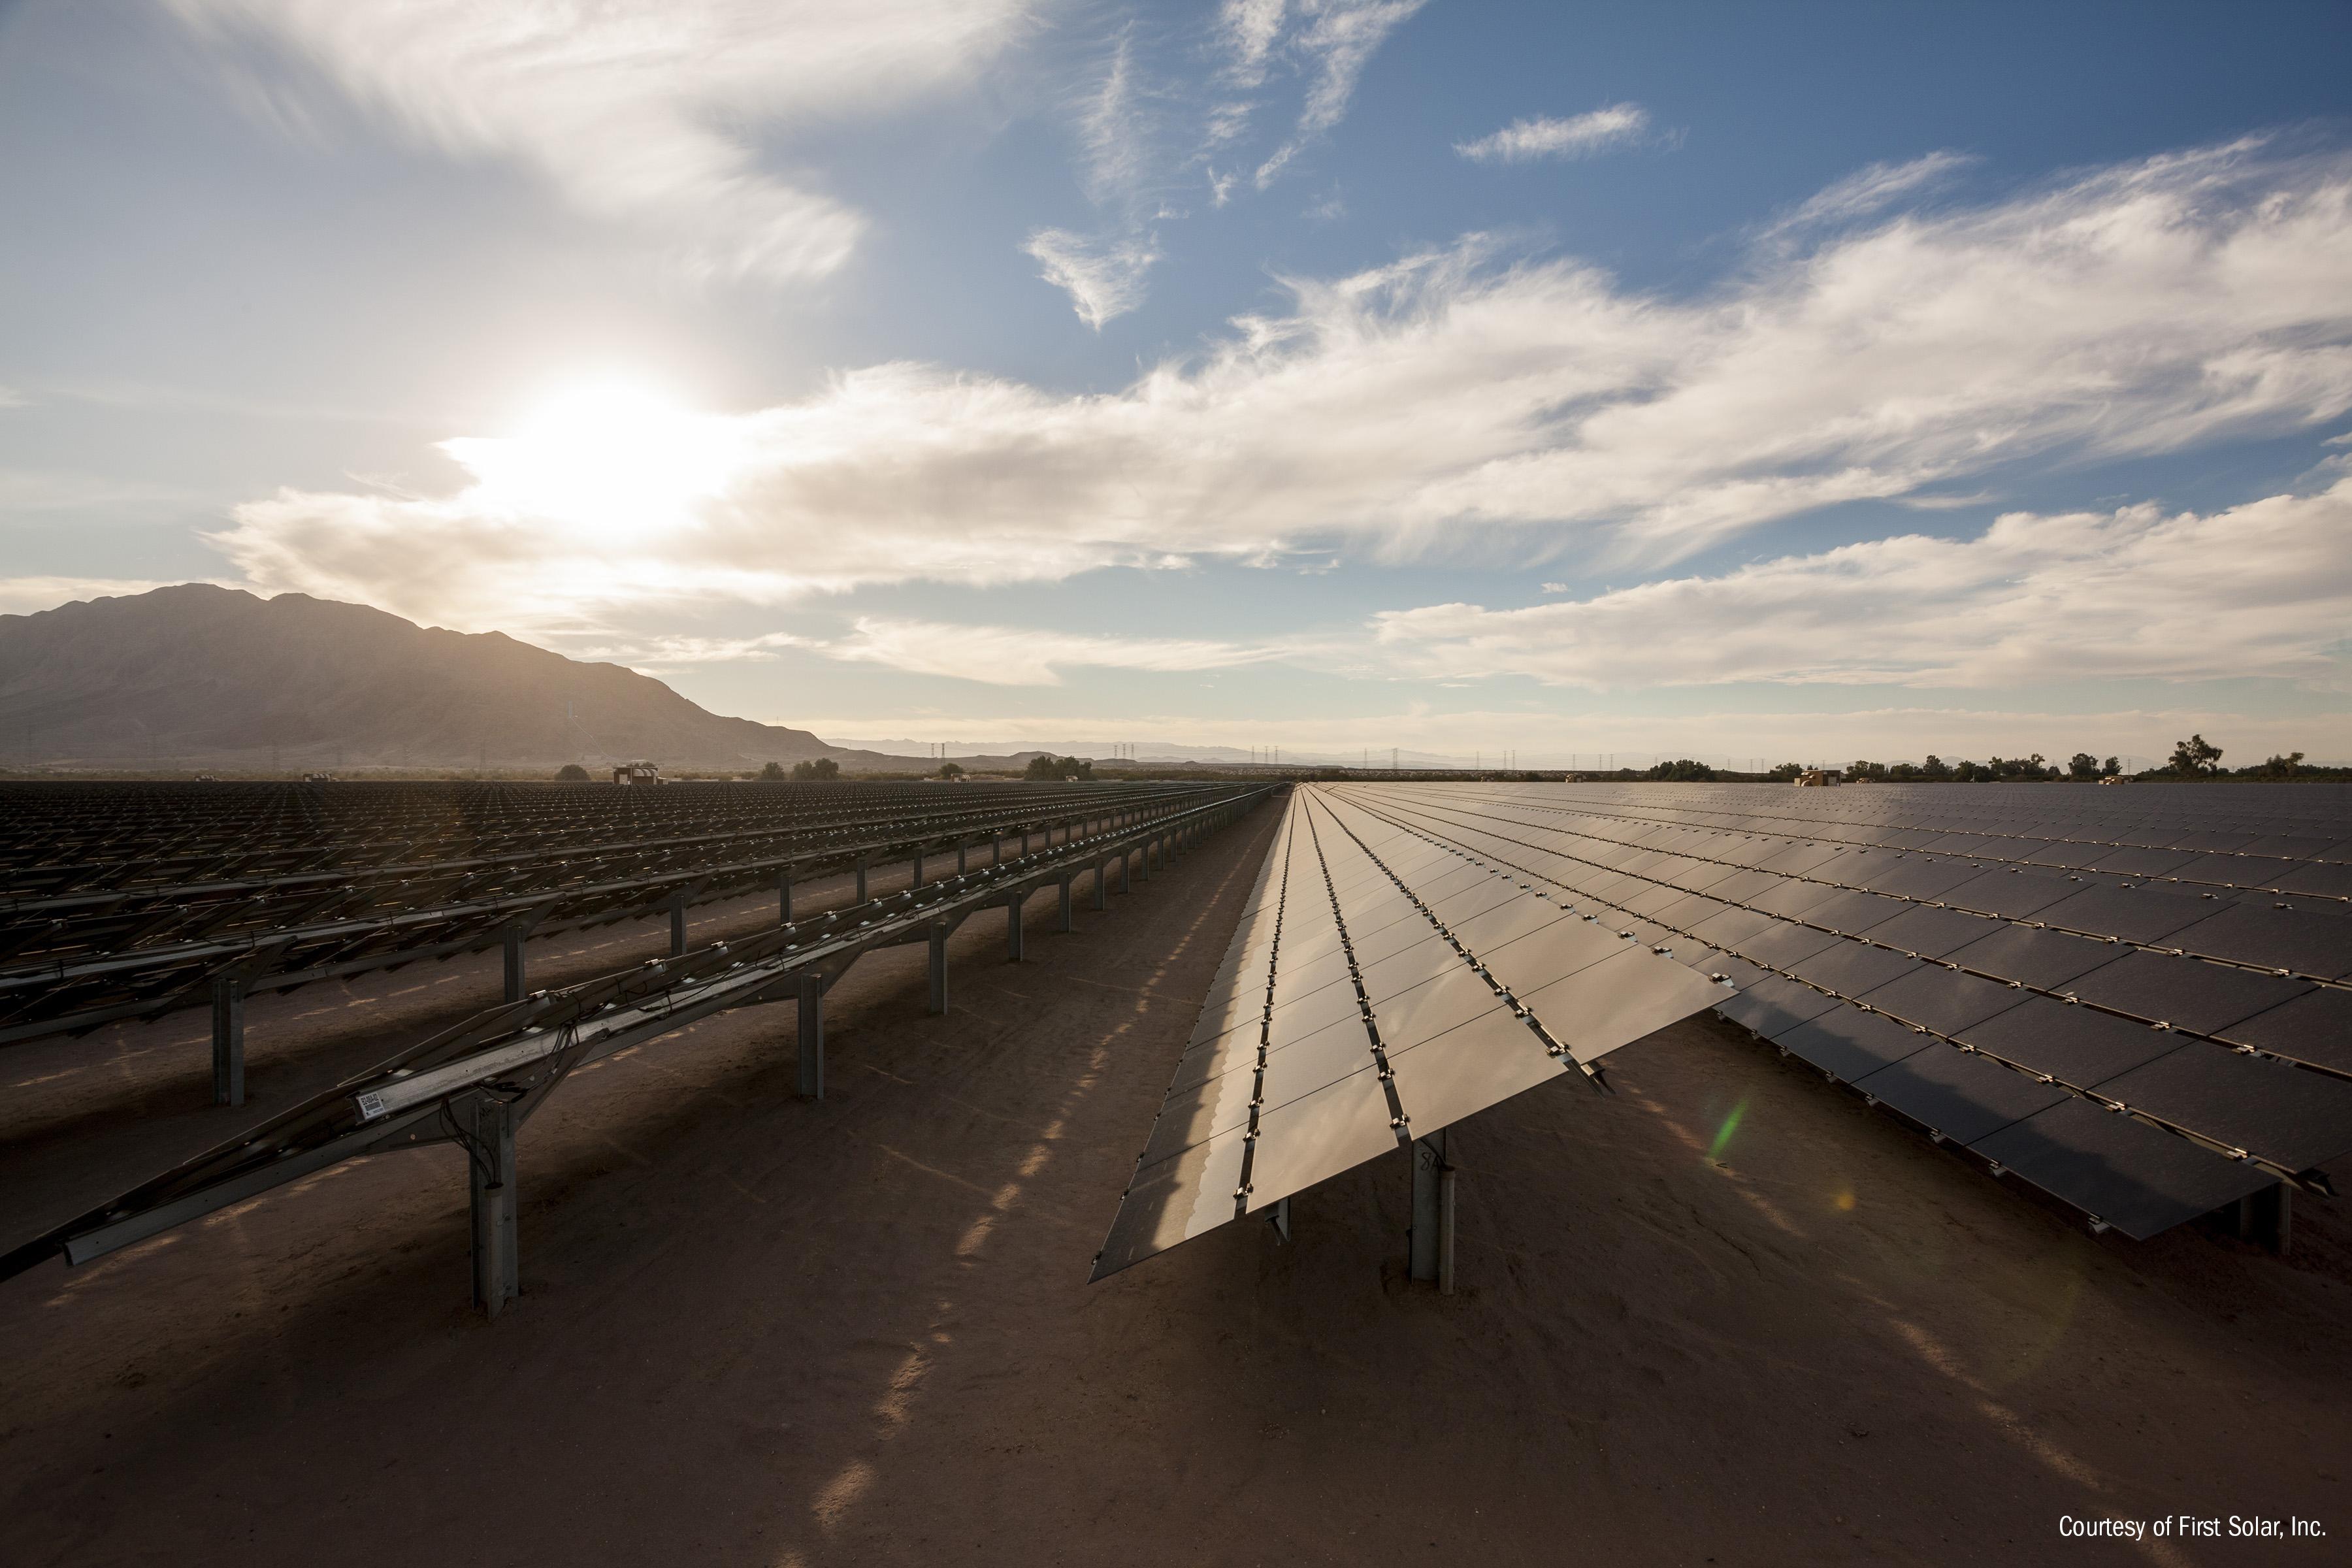 Solar farm in the desert on a sunny day.